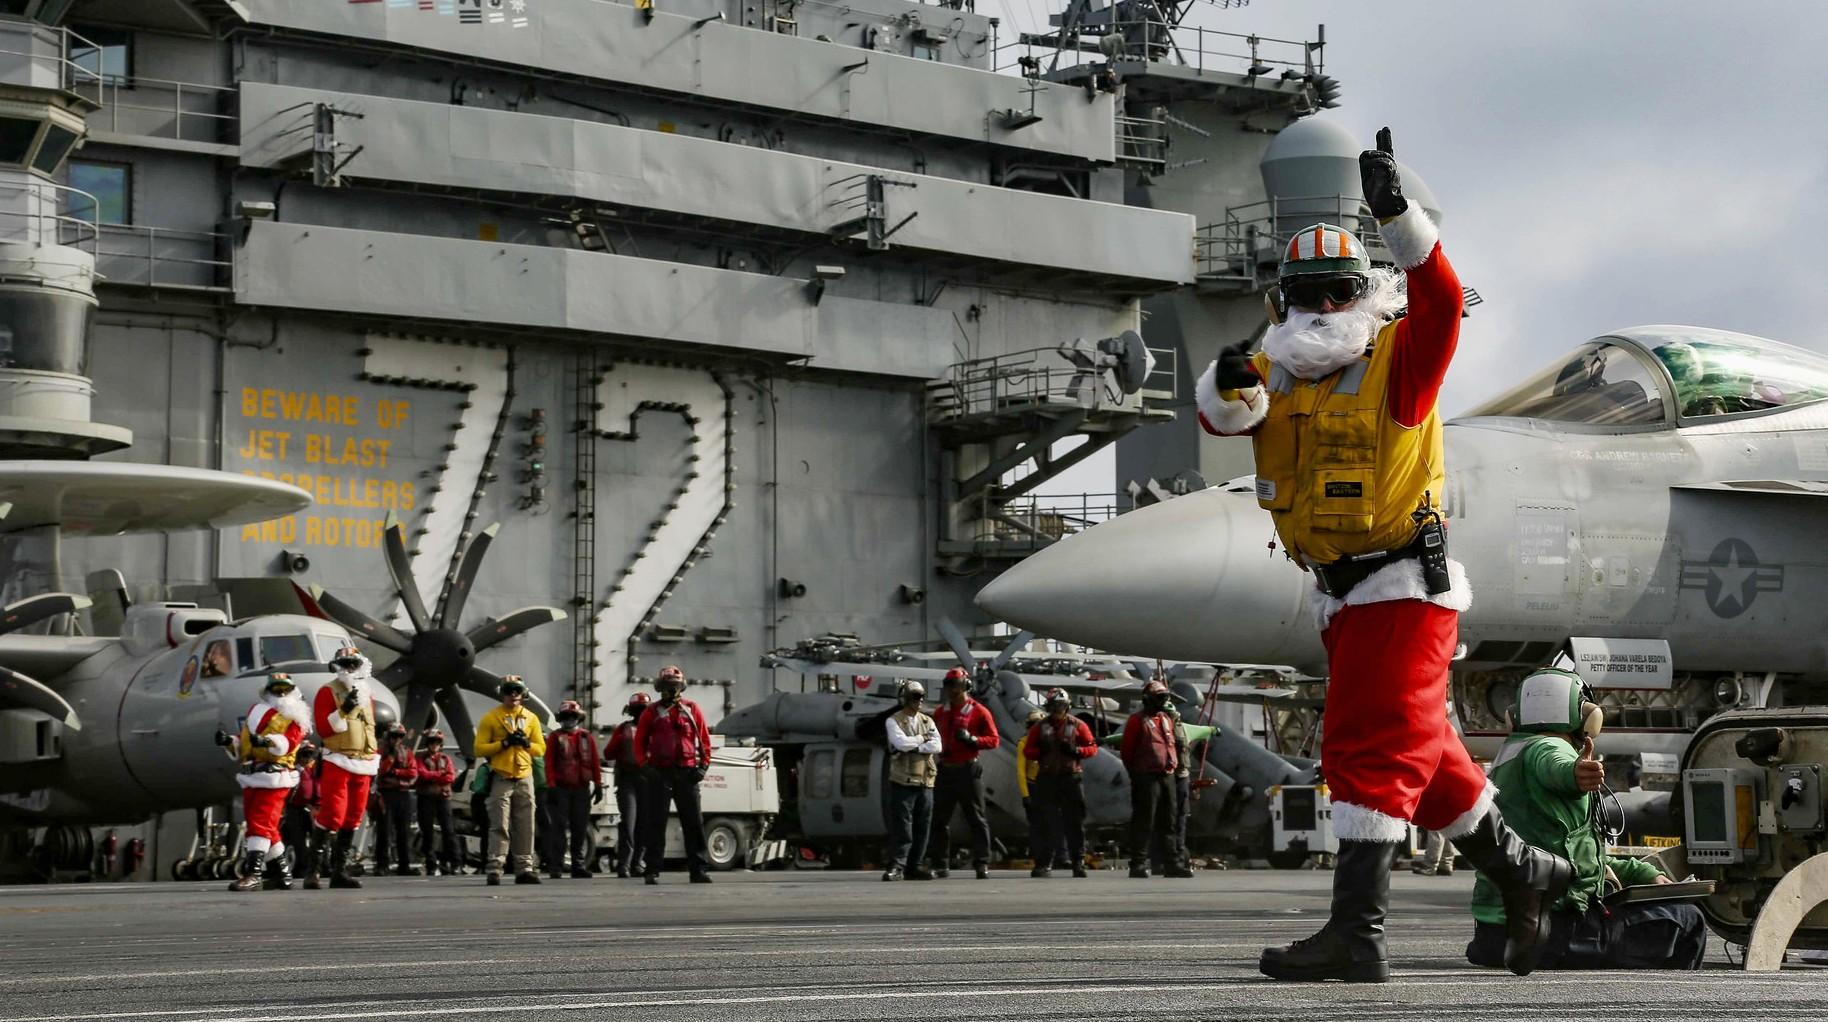 Papai Noel marinheiro.jpg